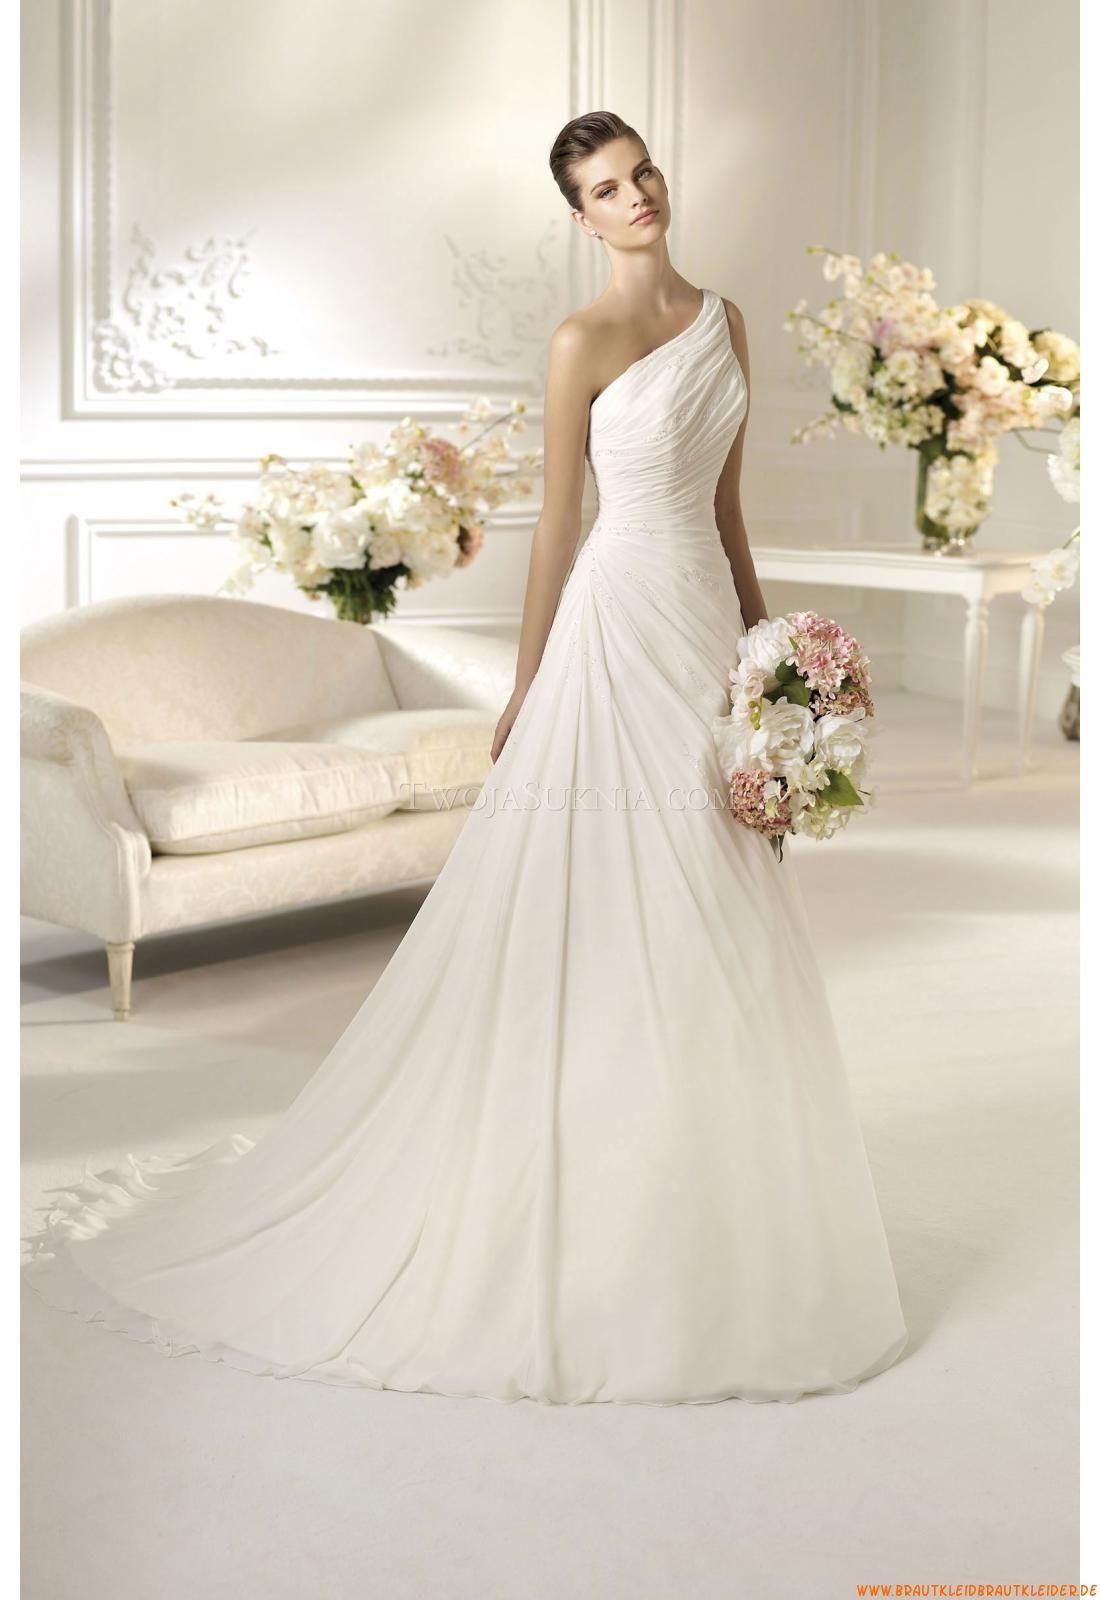 17 Luxus Elegante Brautkleider für 201910 Schön Elegante Brautkleider Stylish